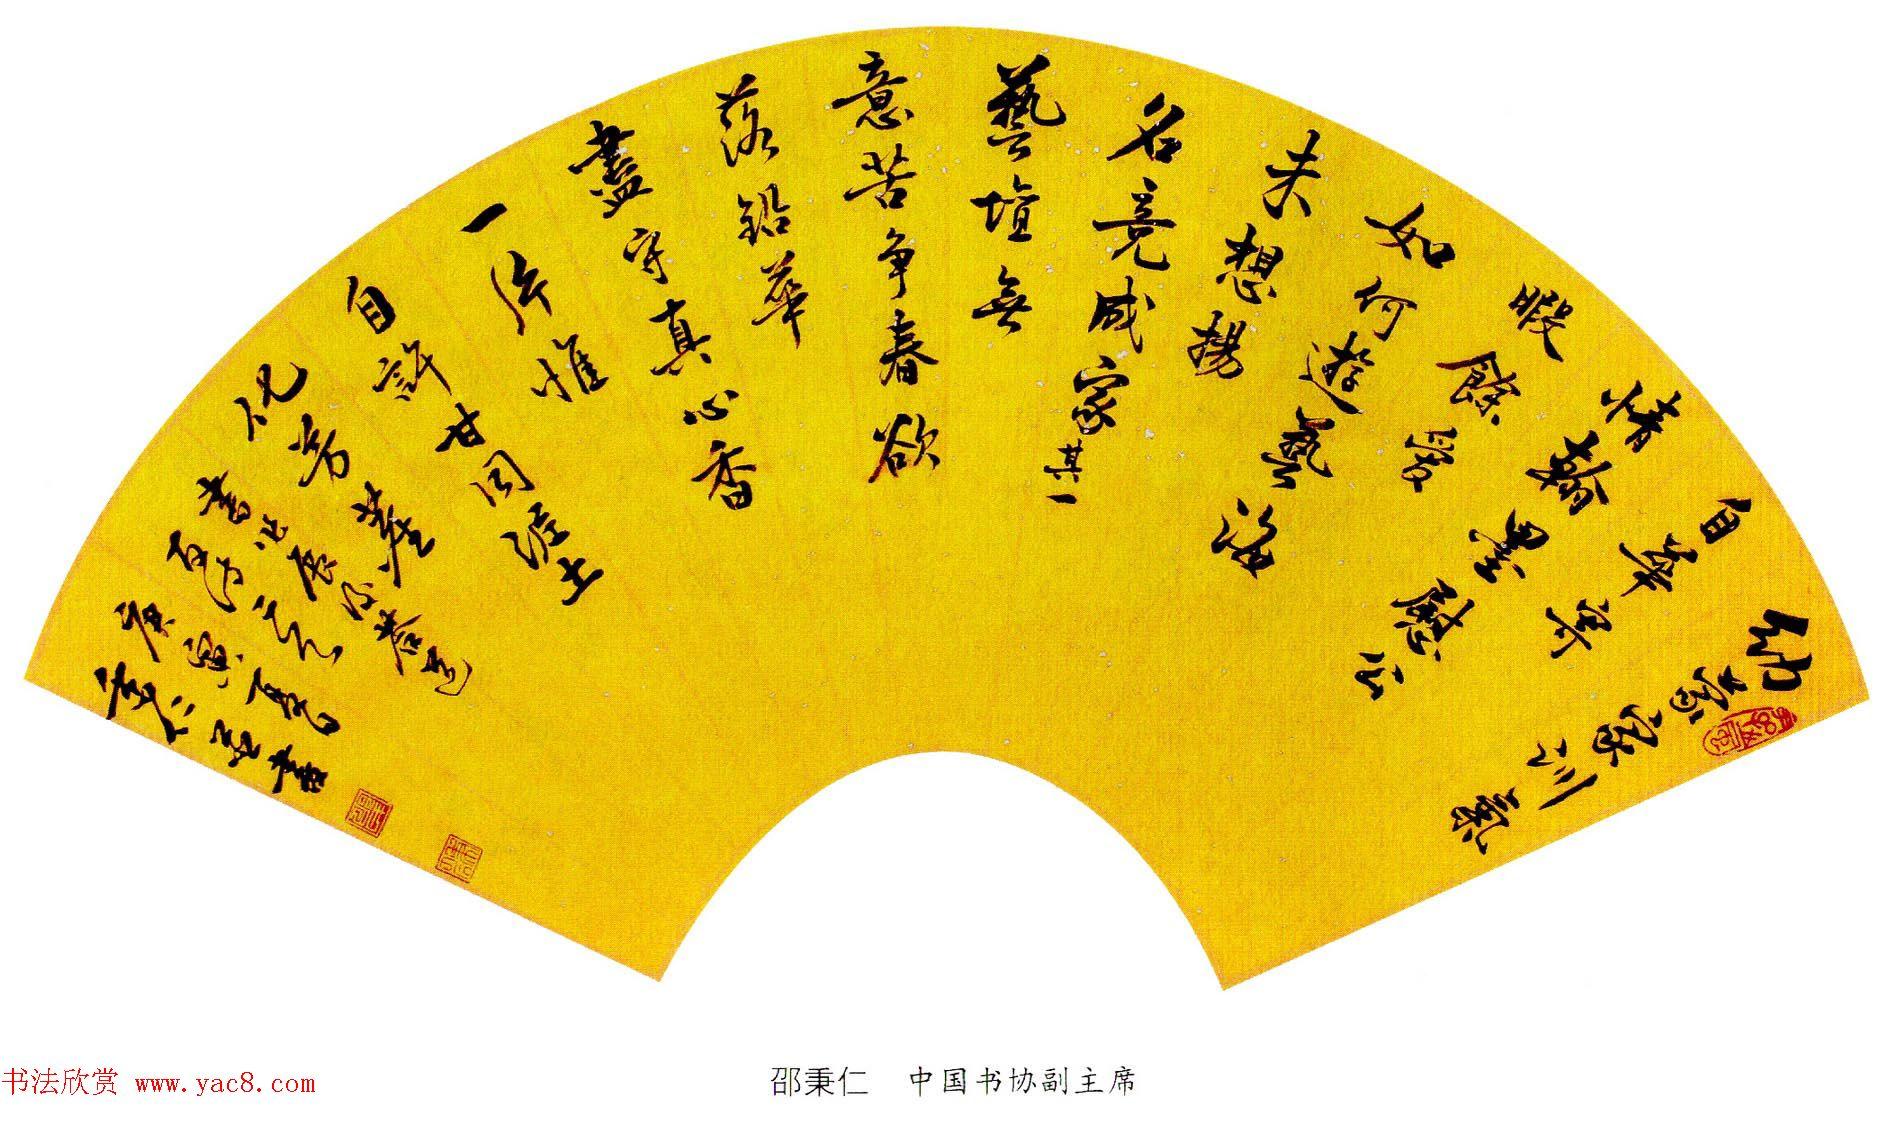 国画 扇面 扇子 书法 书法作品 1897_1134图片